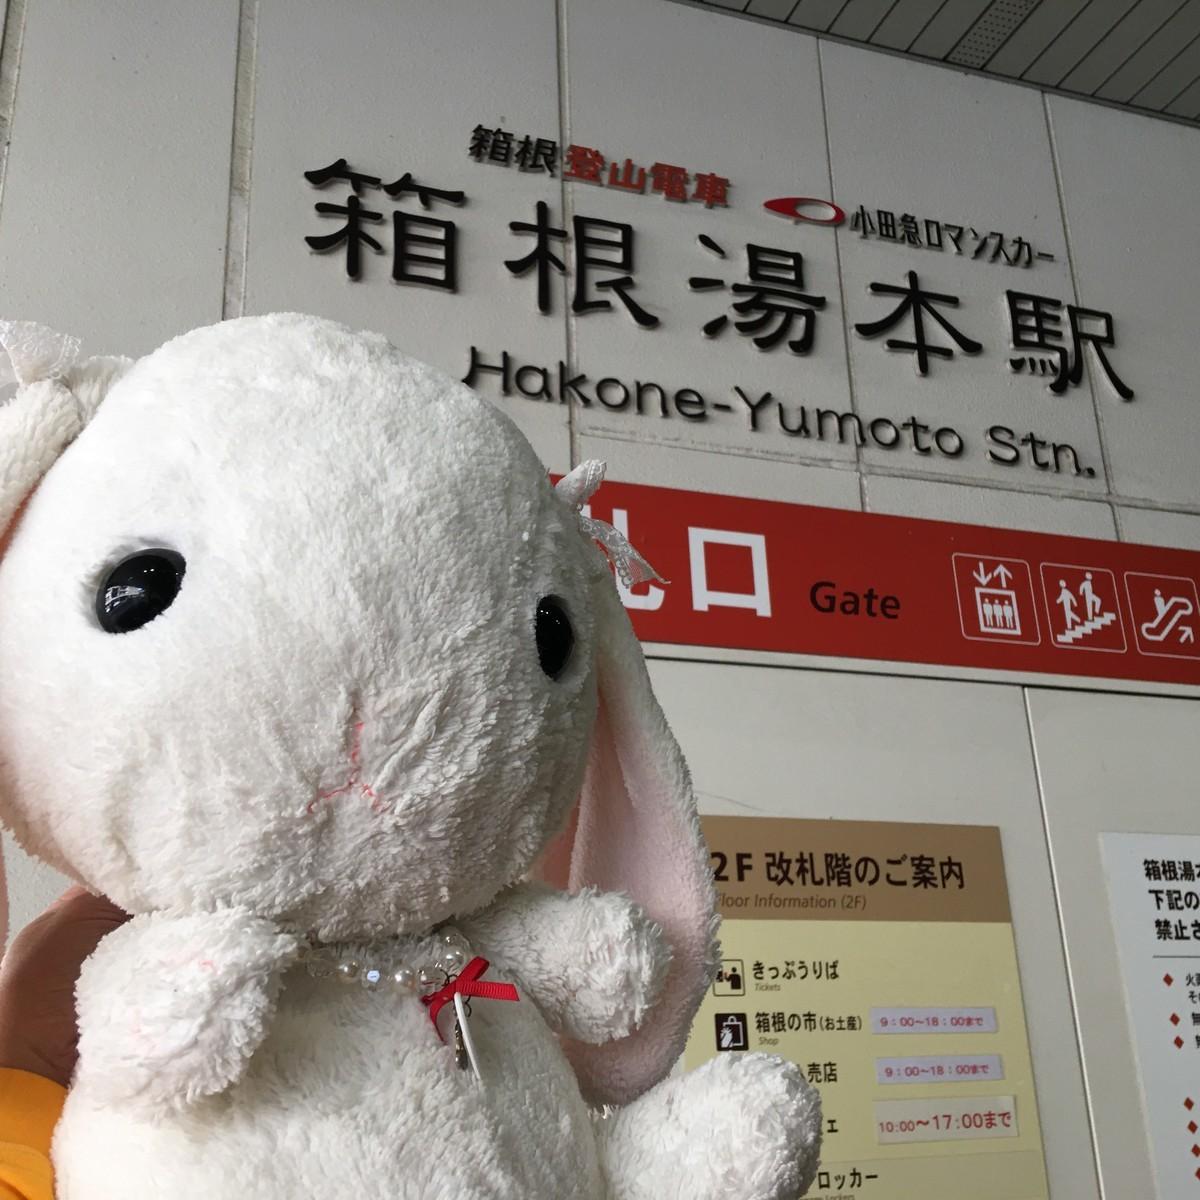 箱根湯本駅構内 箱根の市